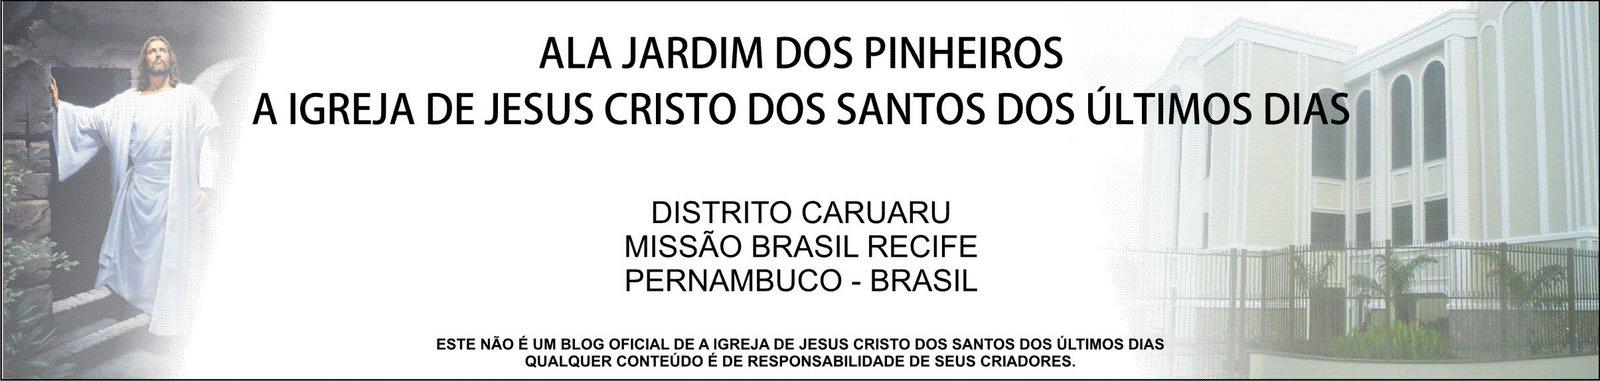 Ala Jardim dos Pinheiros